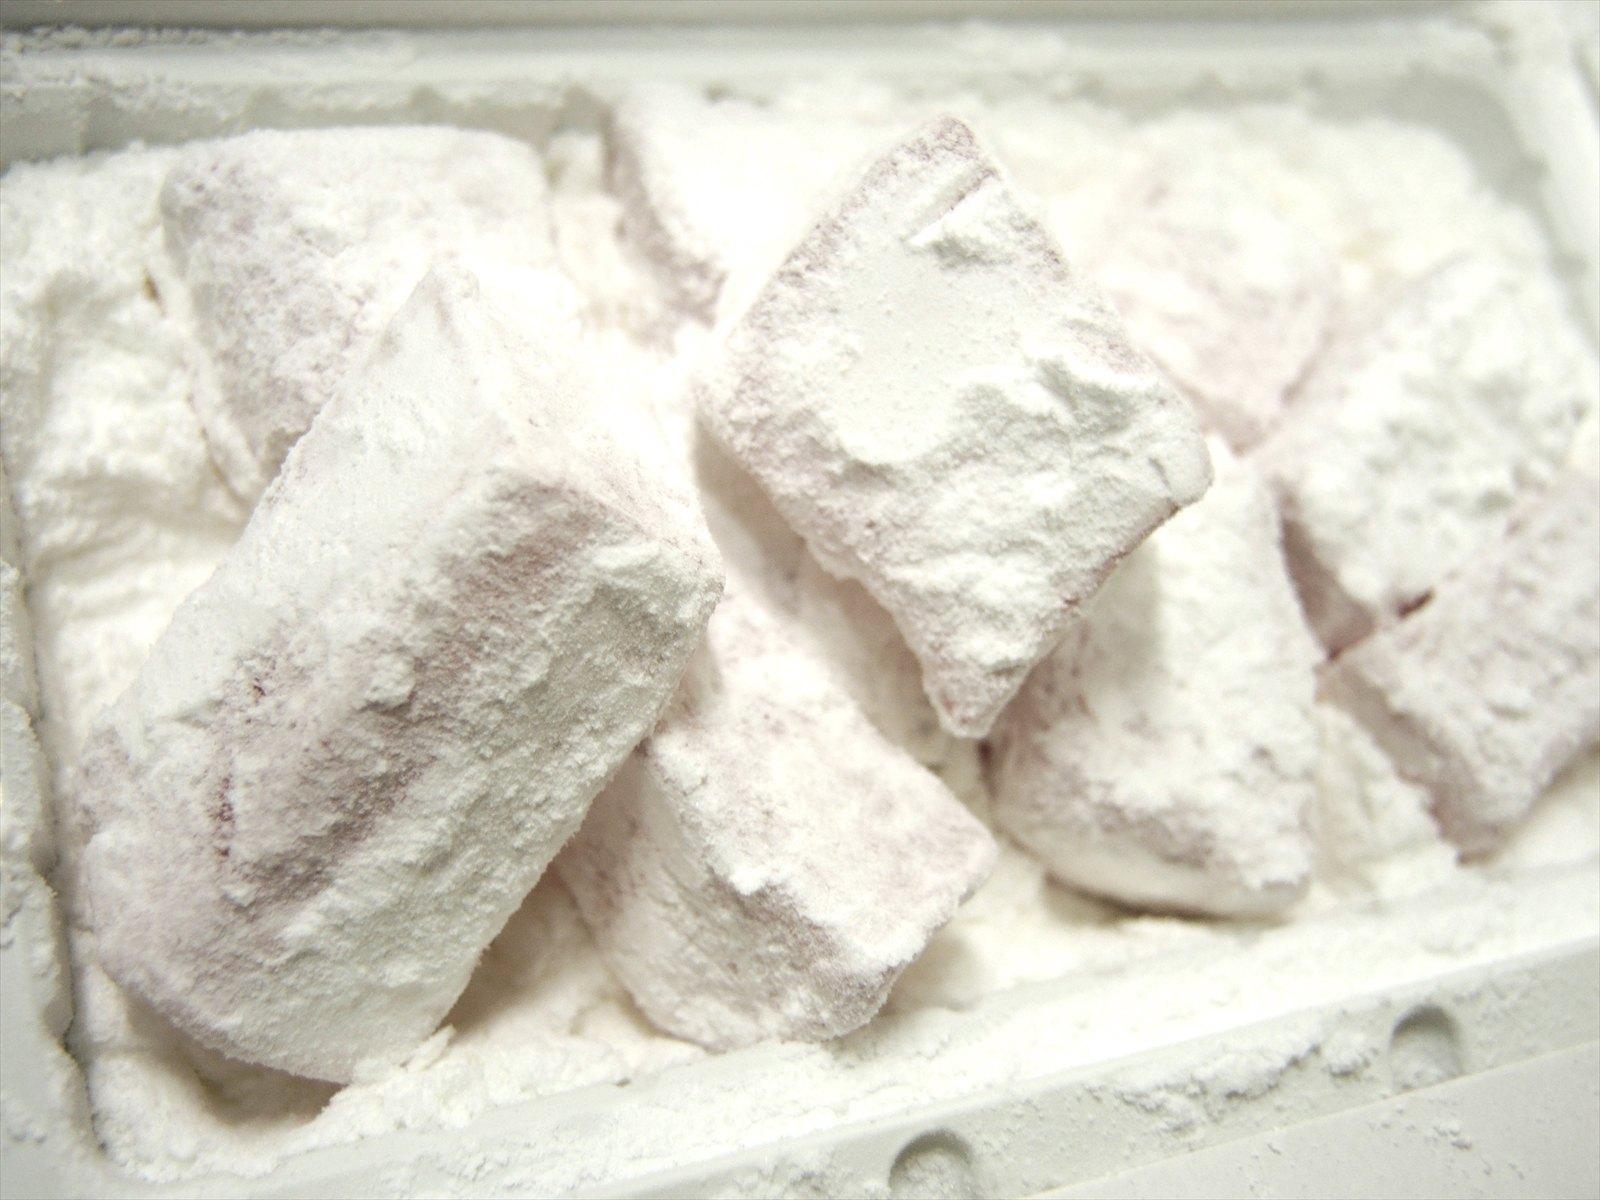 純白の砂糖で、まぶされたギリシアのロクム